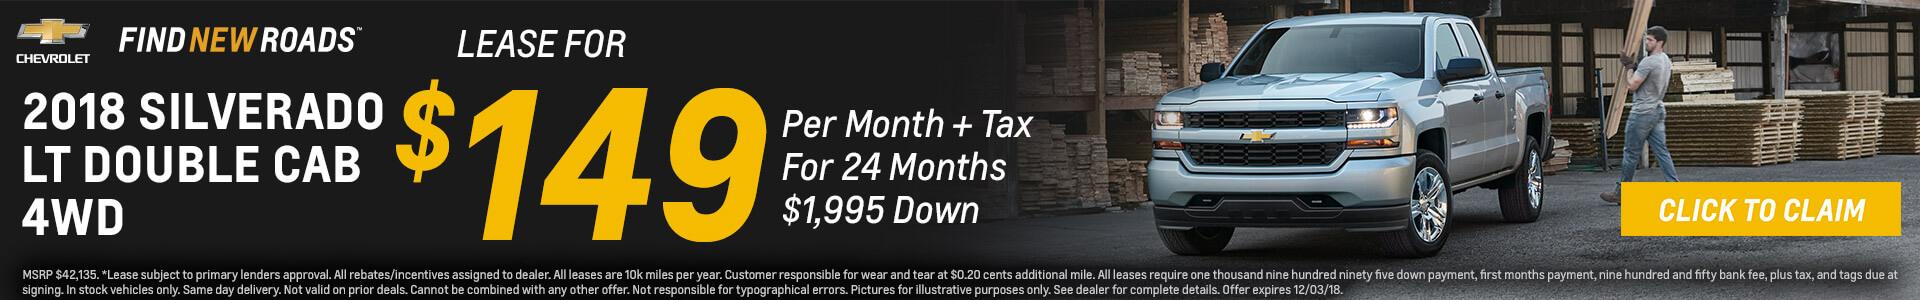 Chevrolet Silverado $149 Lease